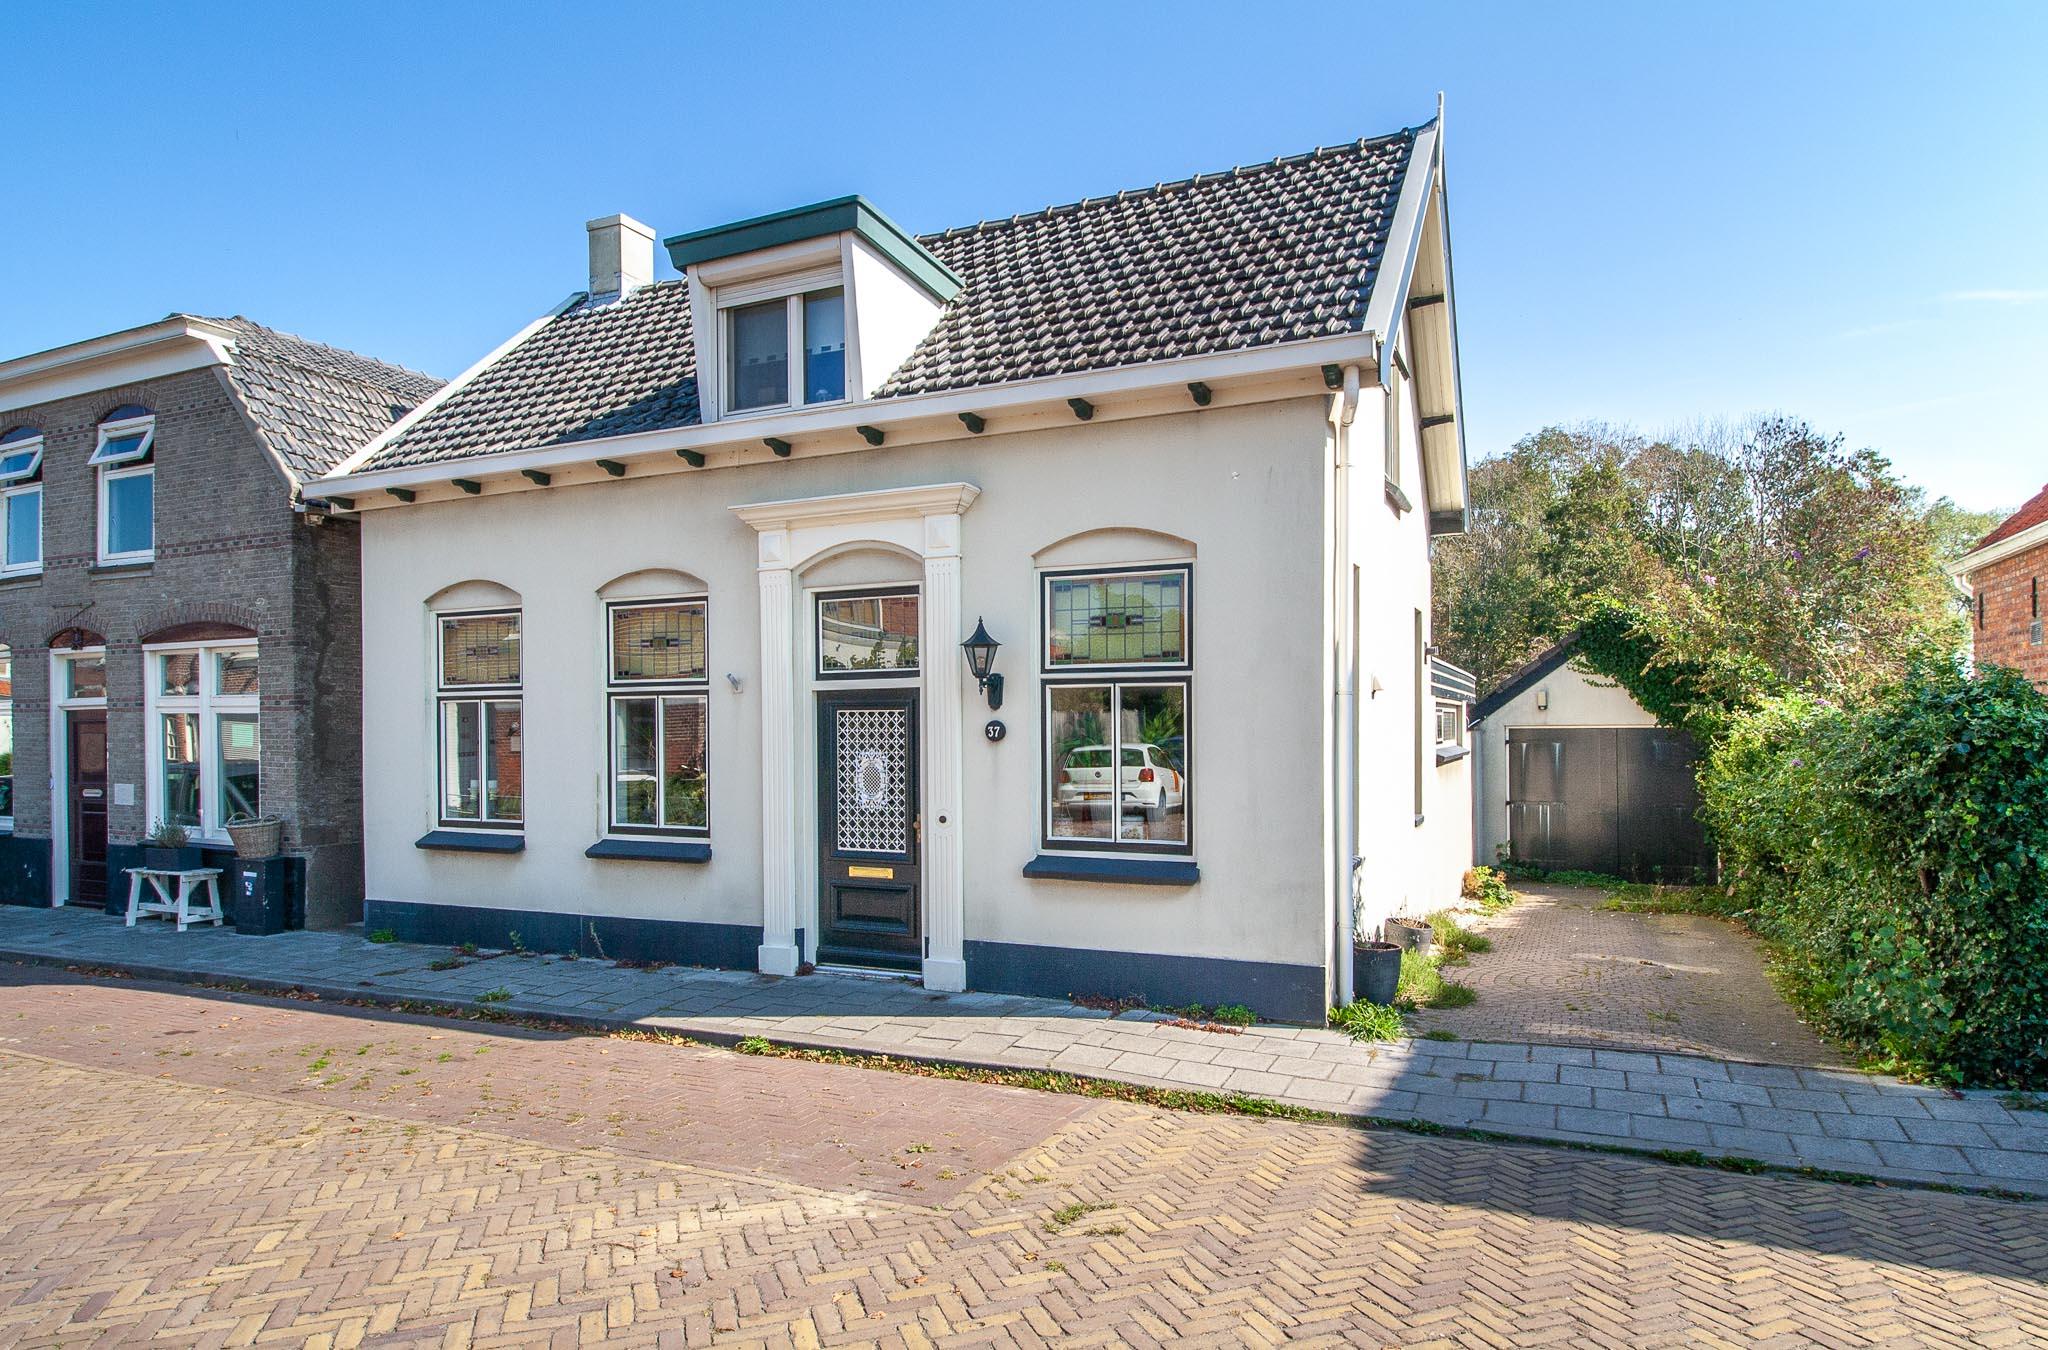 Villa-Novastraat 37 Wolphaartsdijk